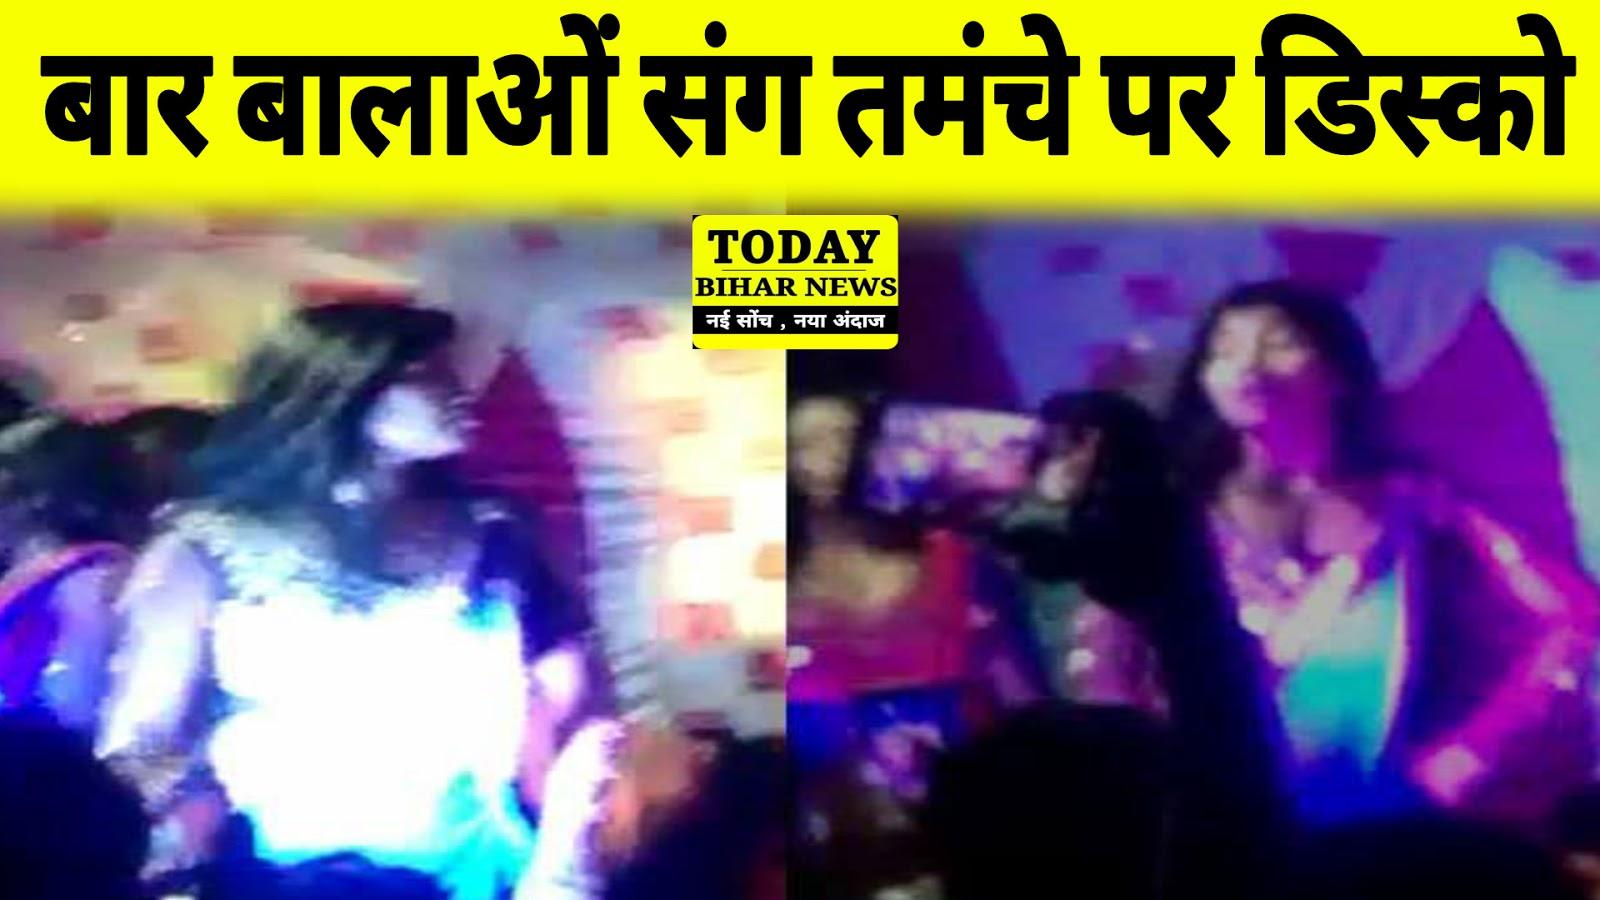 सीएम नीतीश कुमार के गृह जिले में तमंचों पर डिस्को; बार बालाओं संग अश्लील गीतों पर लगे ठुमके